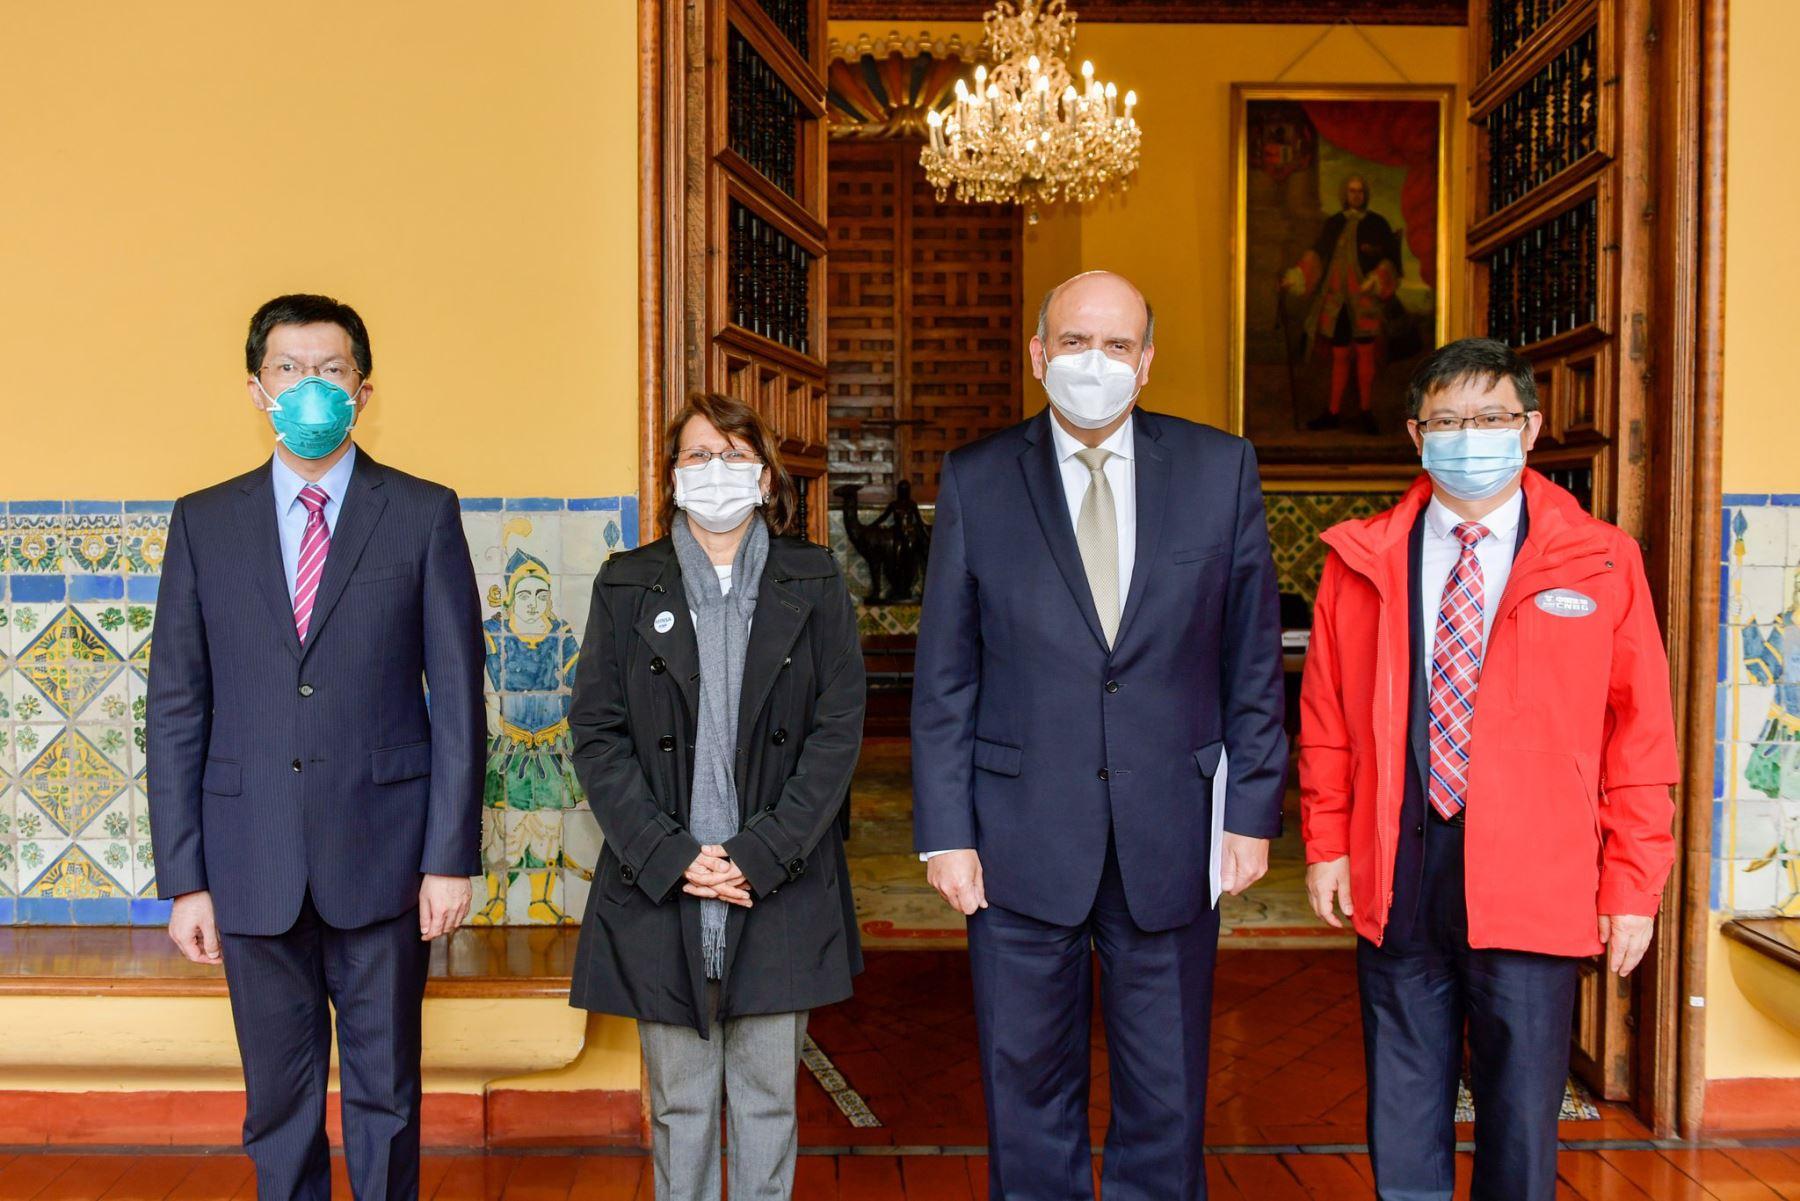 Canciller Mario López y ministra Mazzetti recibieron a delegación de laboratorio Sinopharm | Noticias